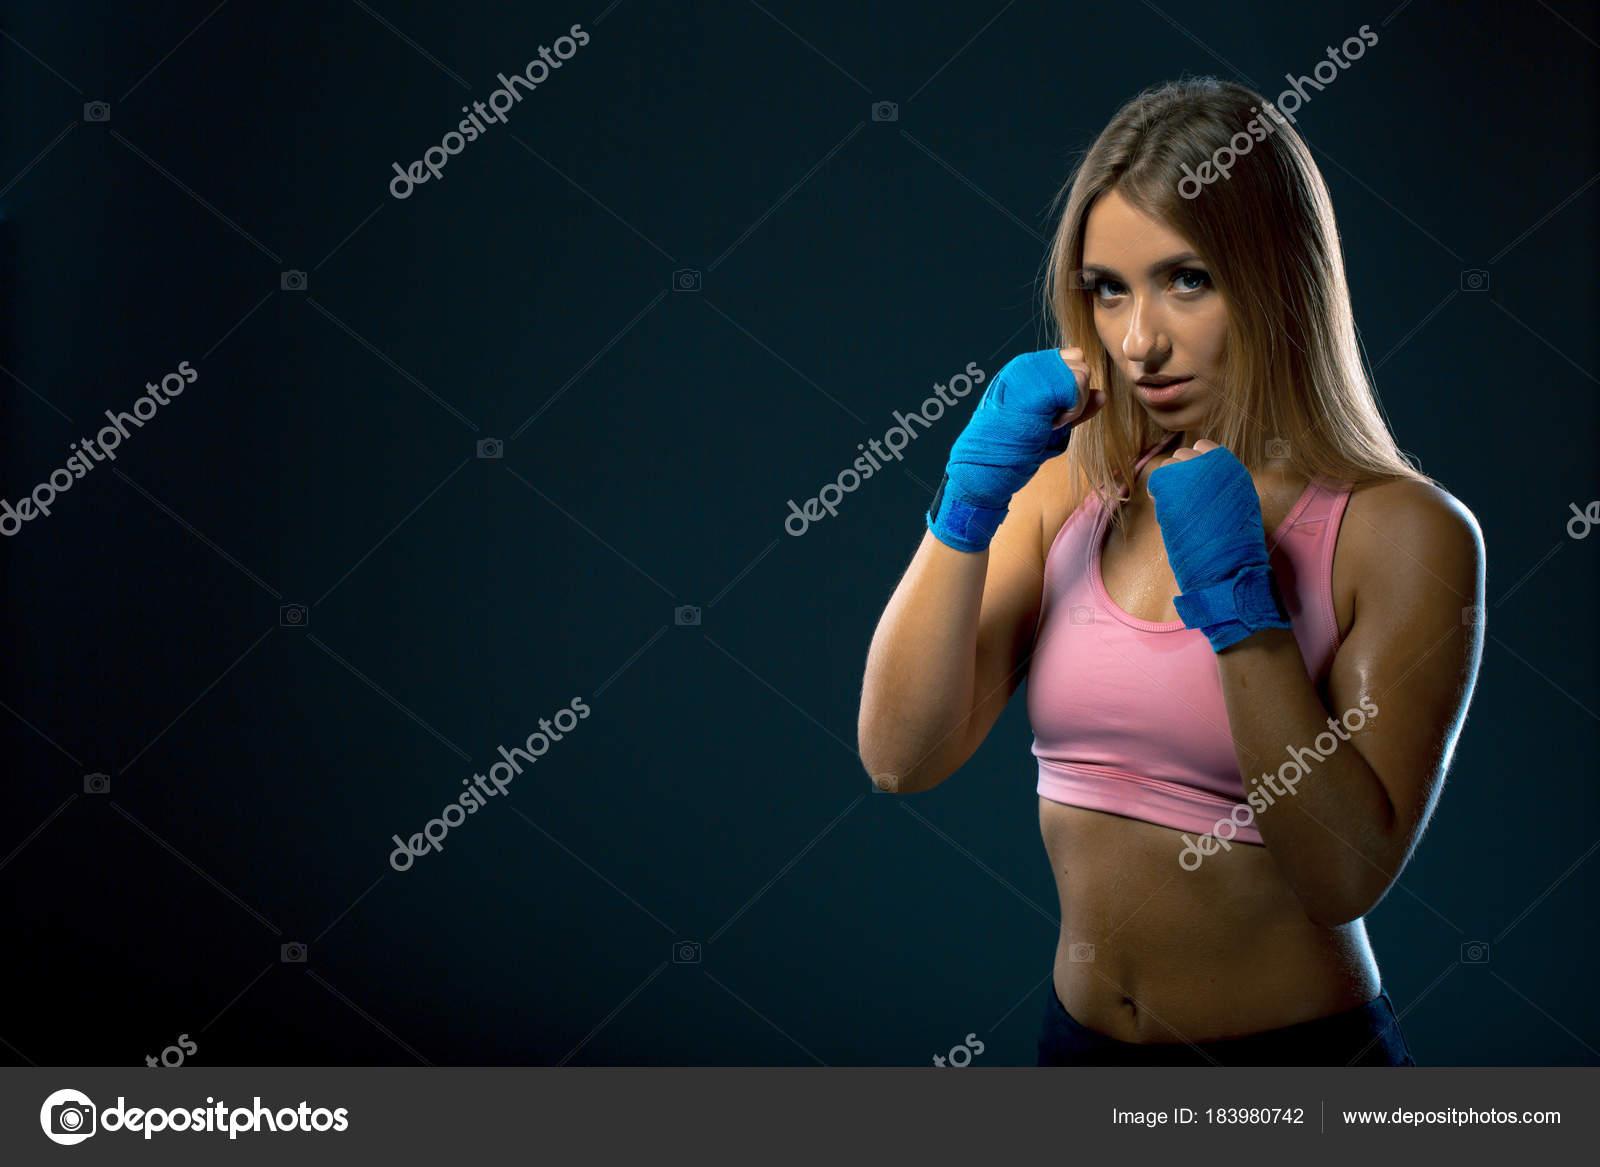 Сексуальные девушки любят бокс